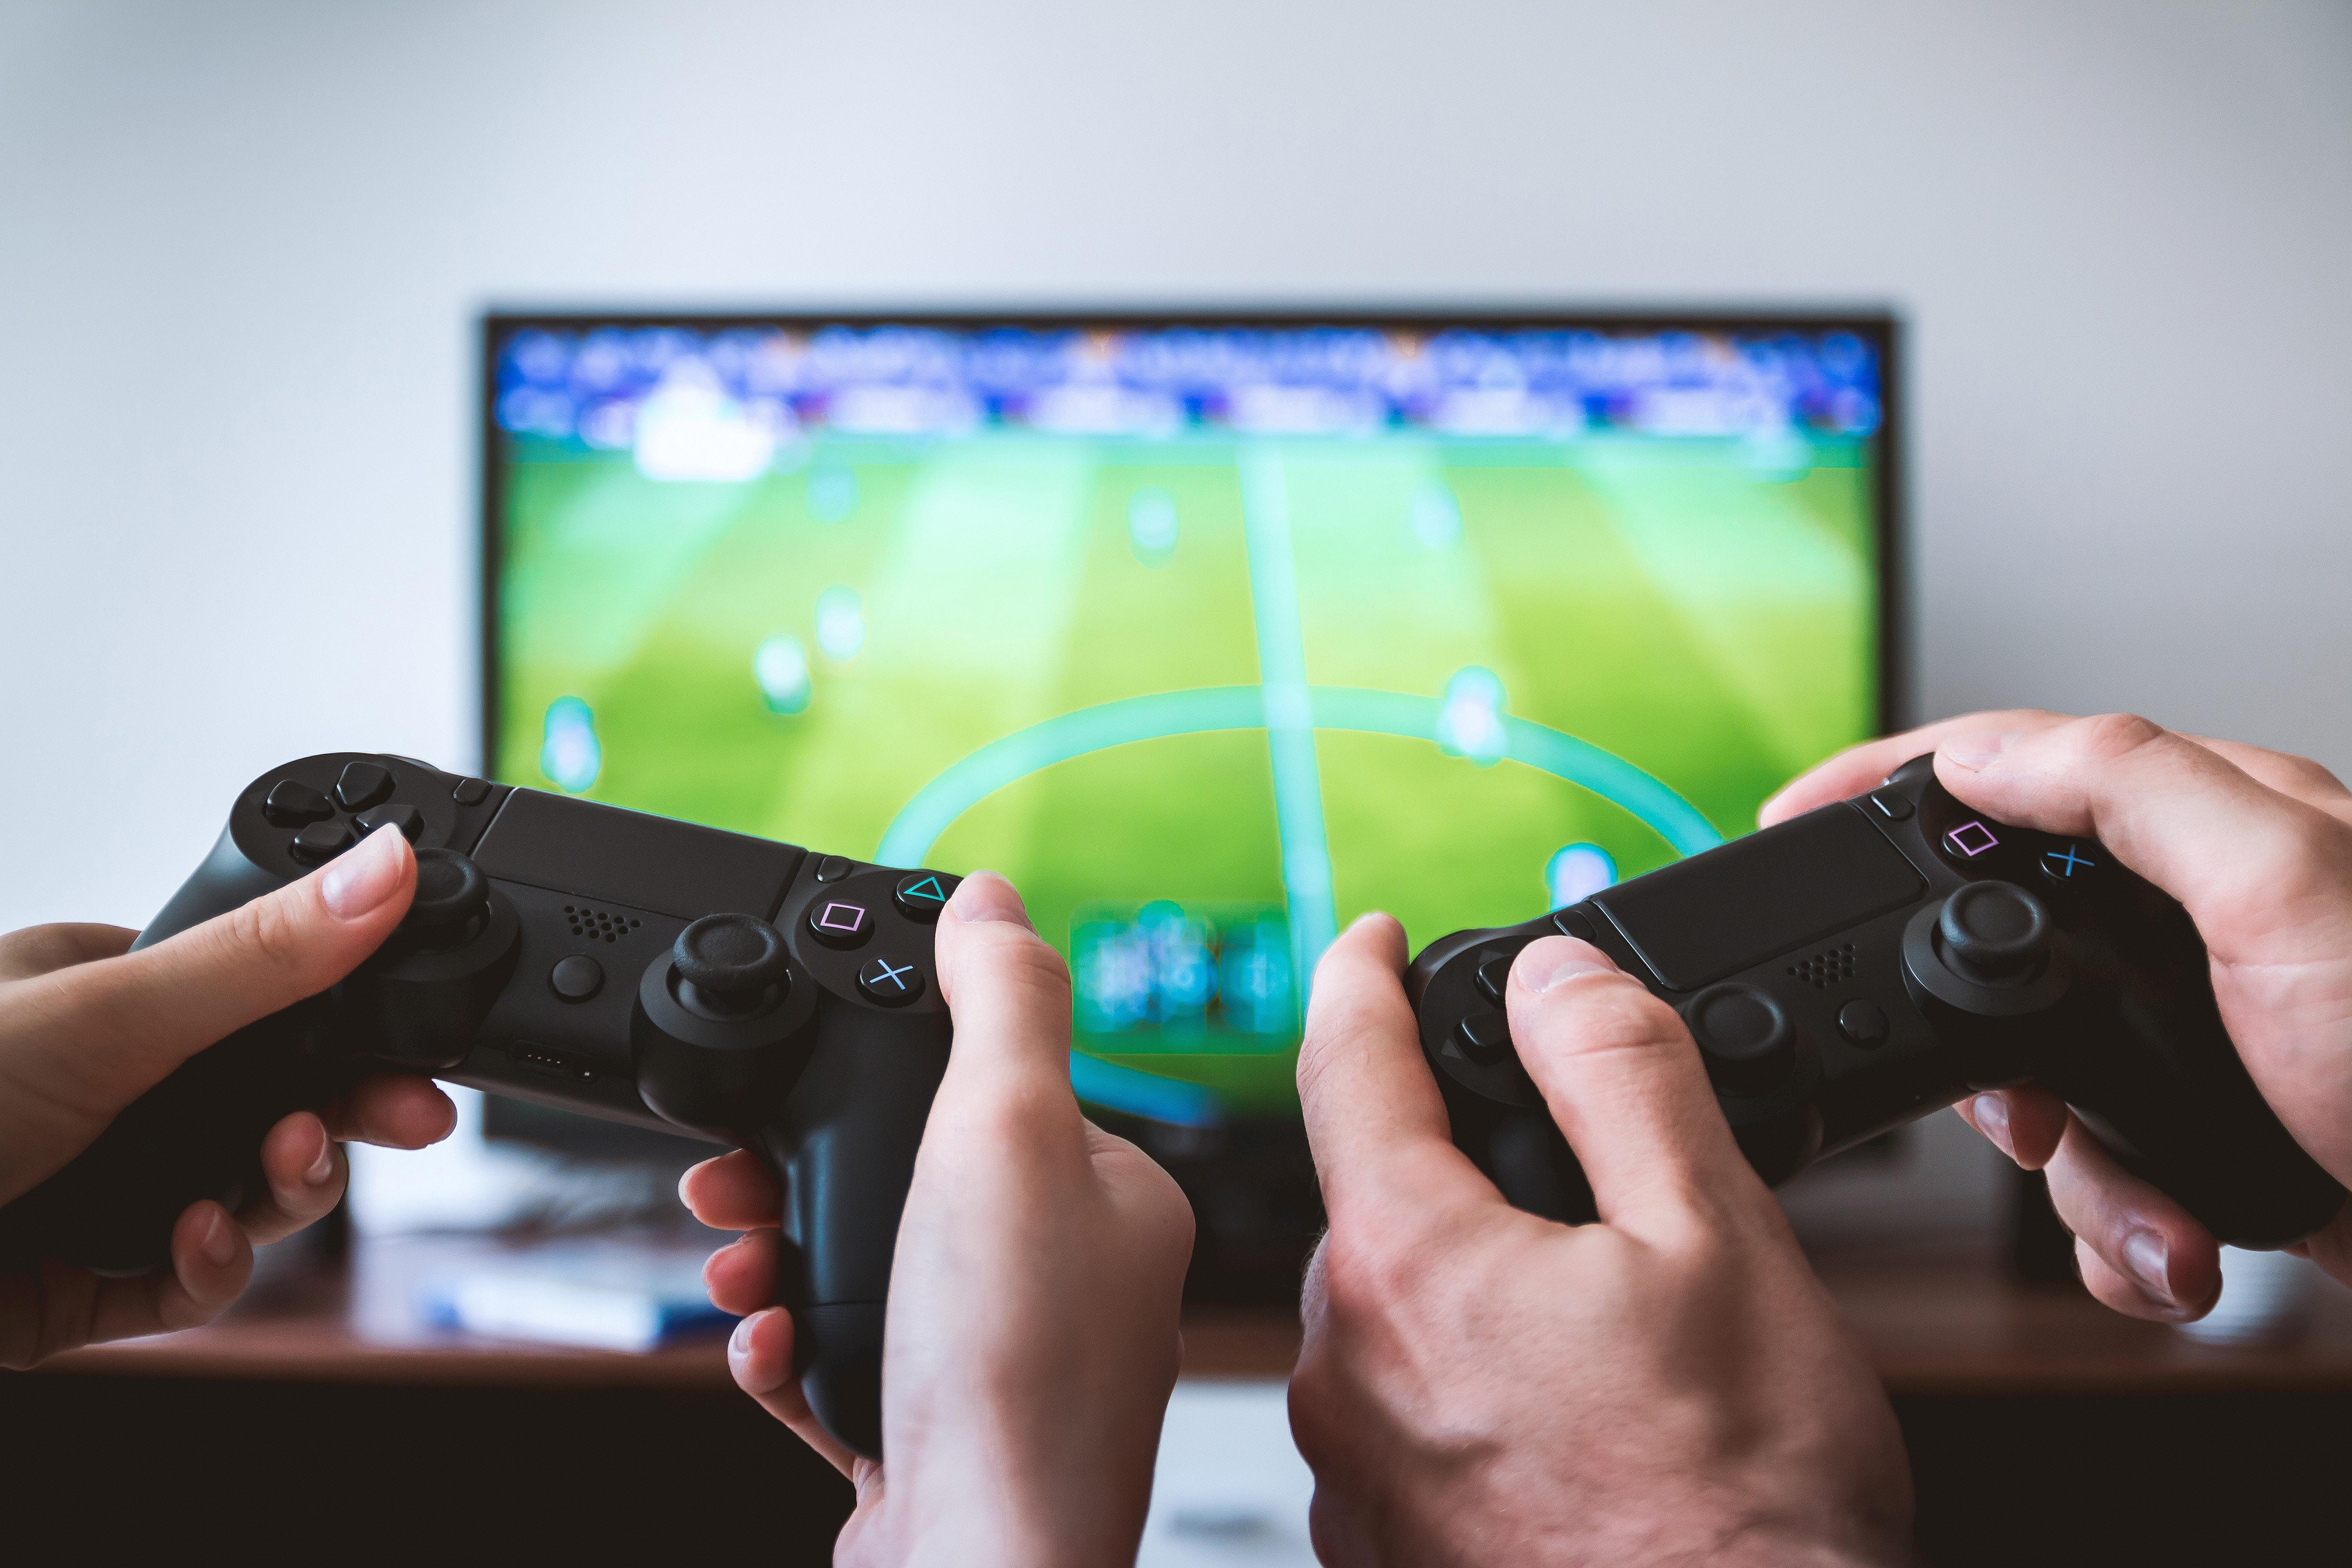 ¿Más rápida? ¿Solo digital? 3 cosas que se saben de la futura PlayStation 5